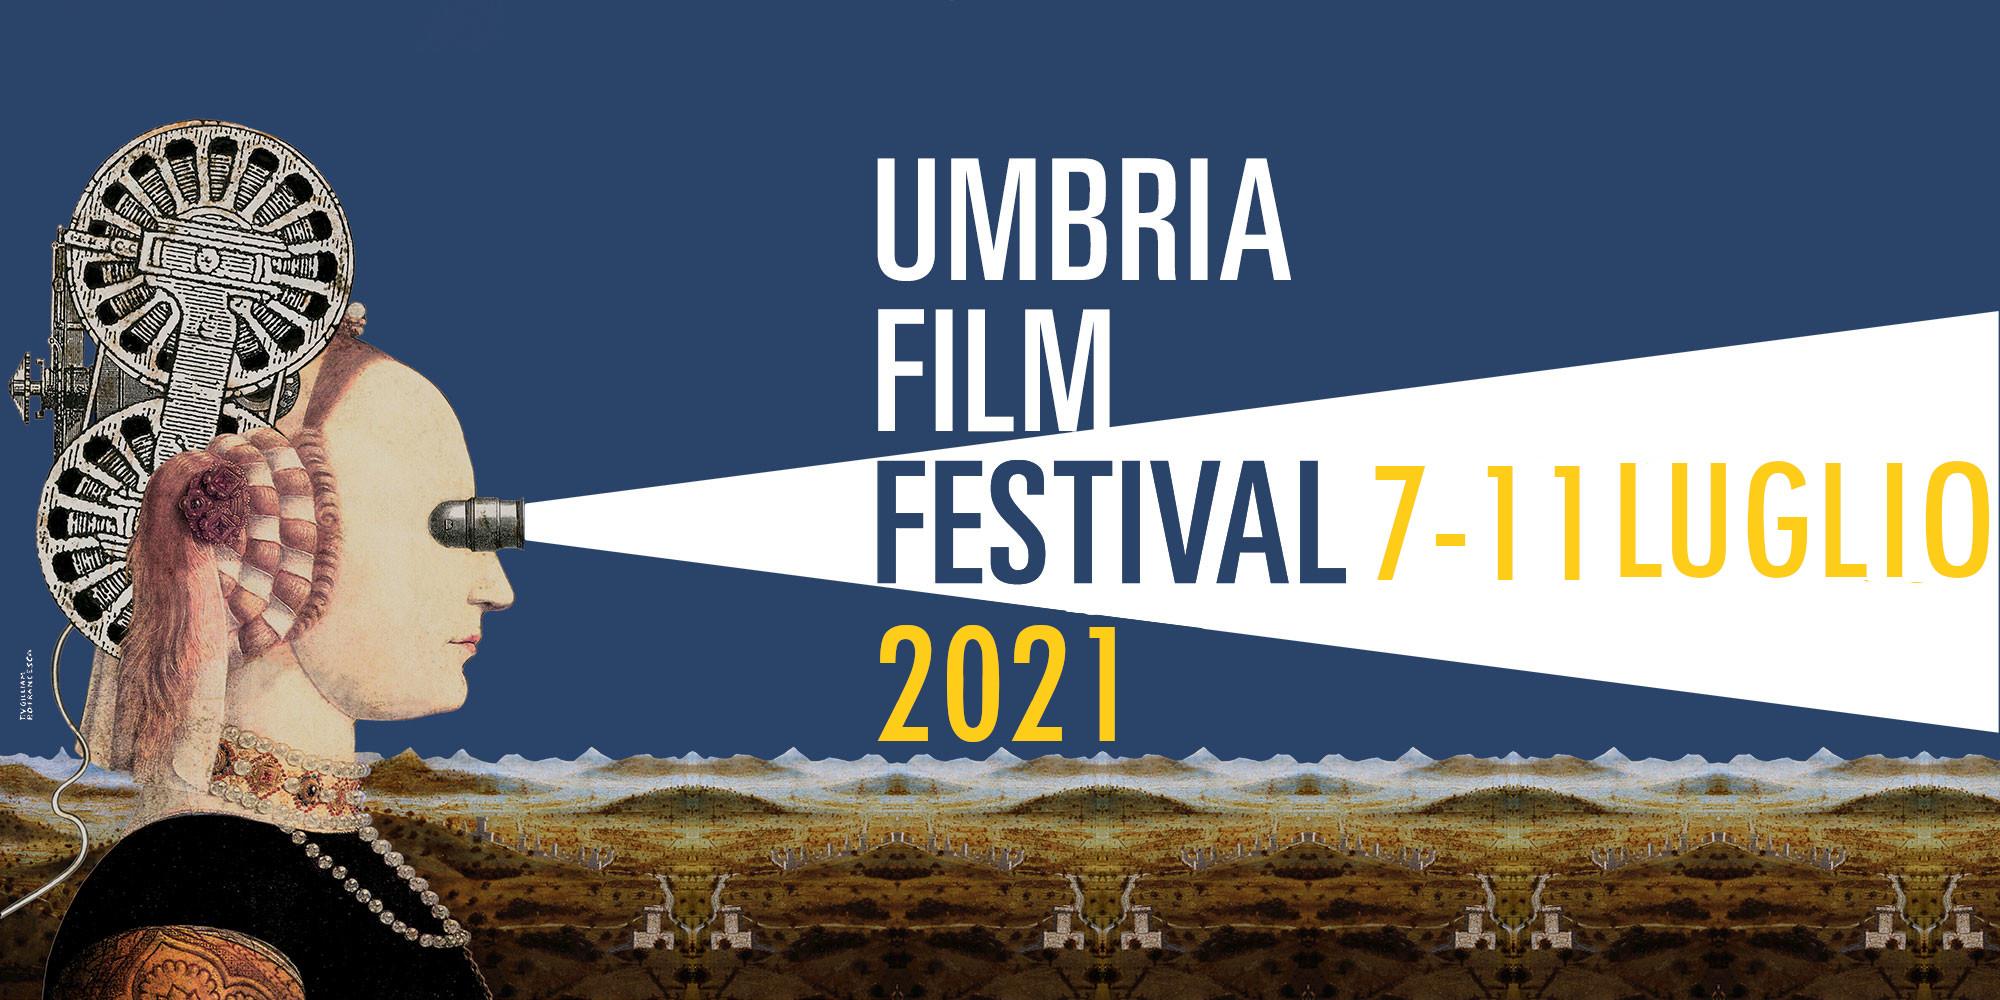 Umbri Film Festival 2021